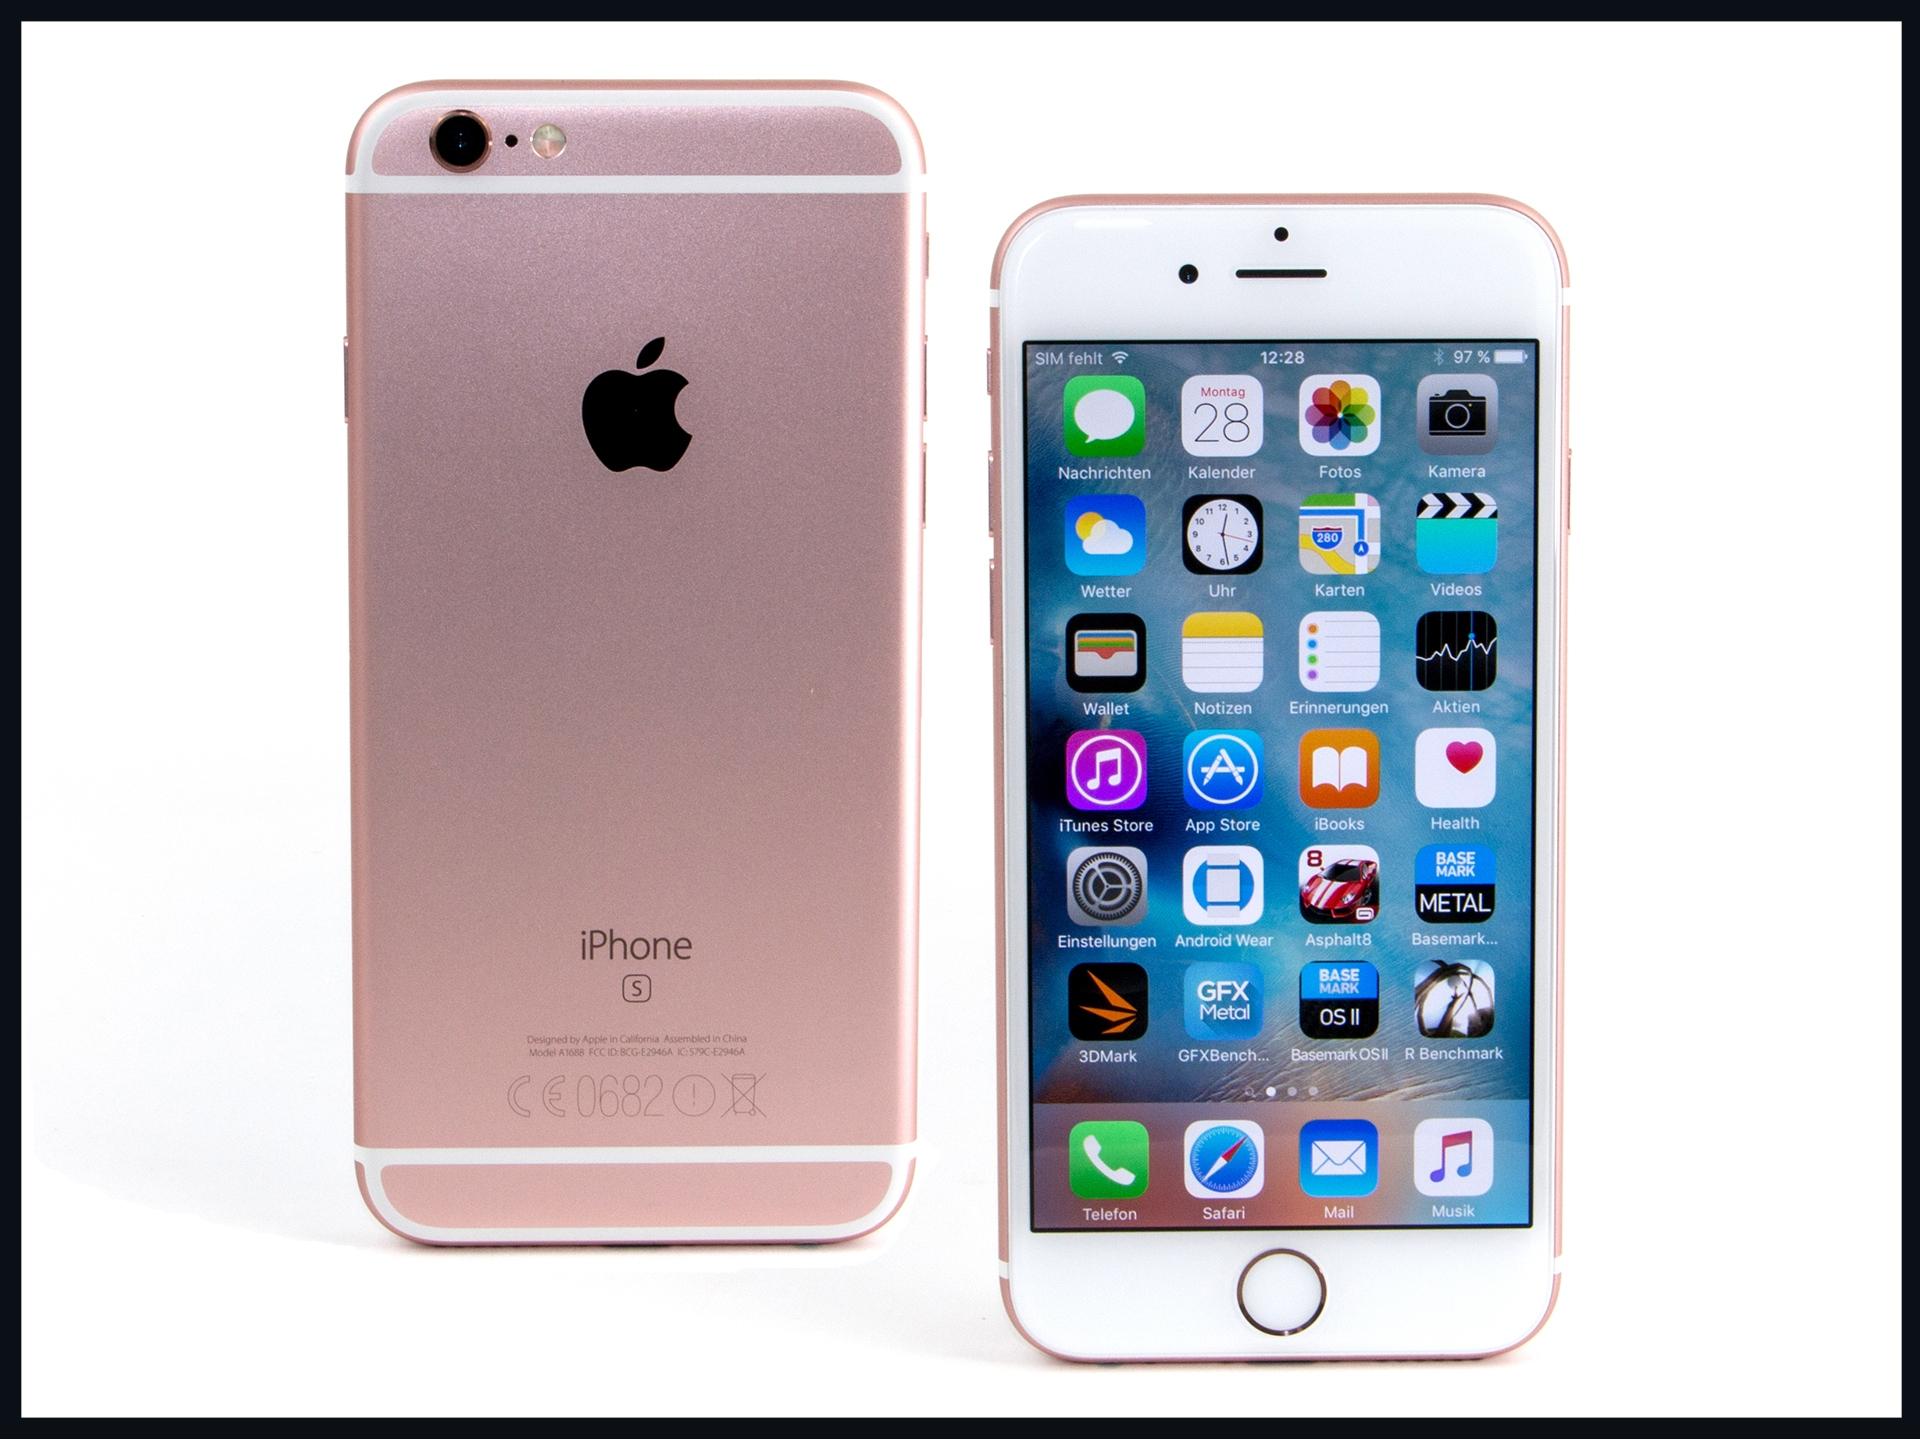 قطع پشتیبانی  iOS 15 از iPhone 6s و iPhone SE